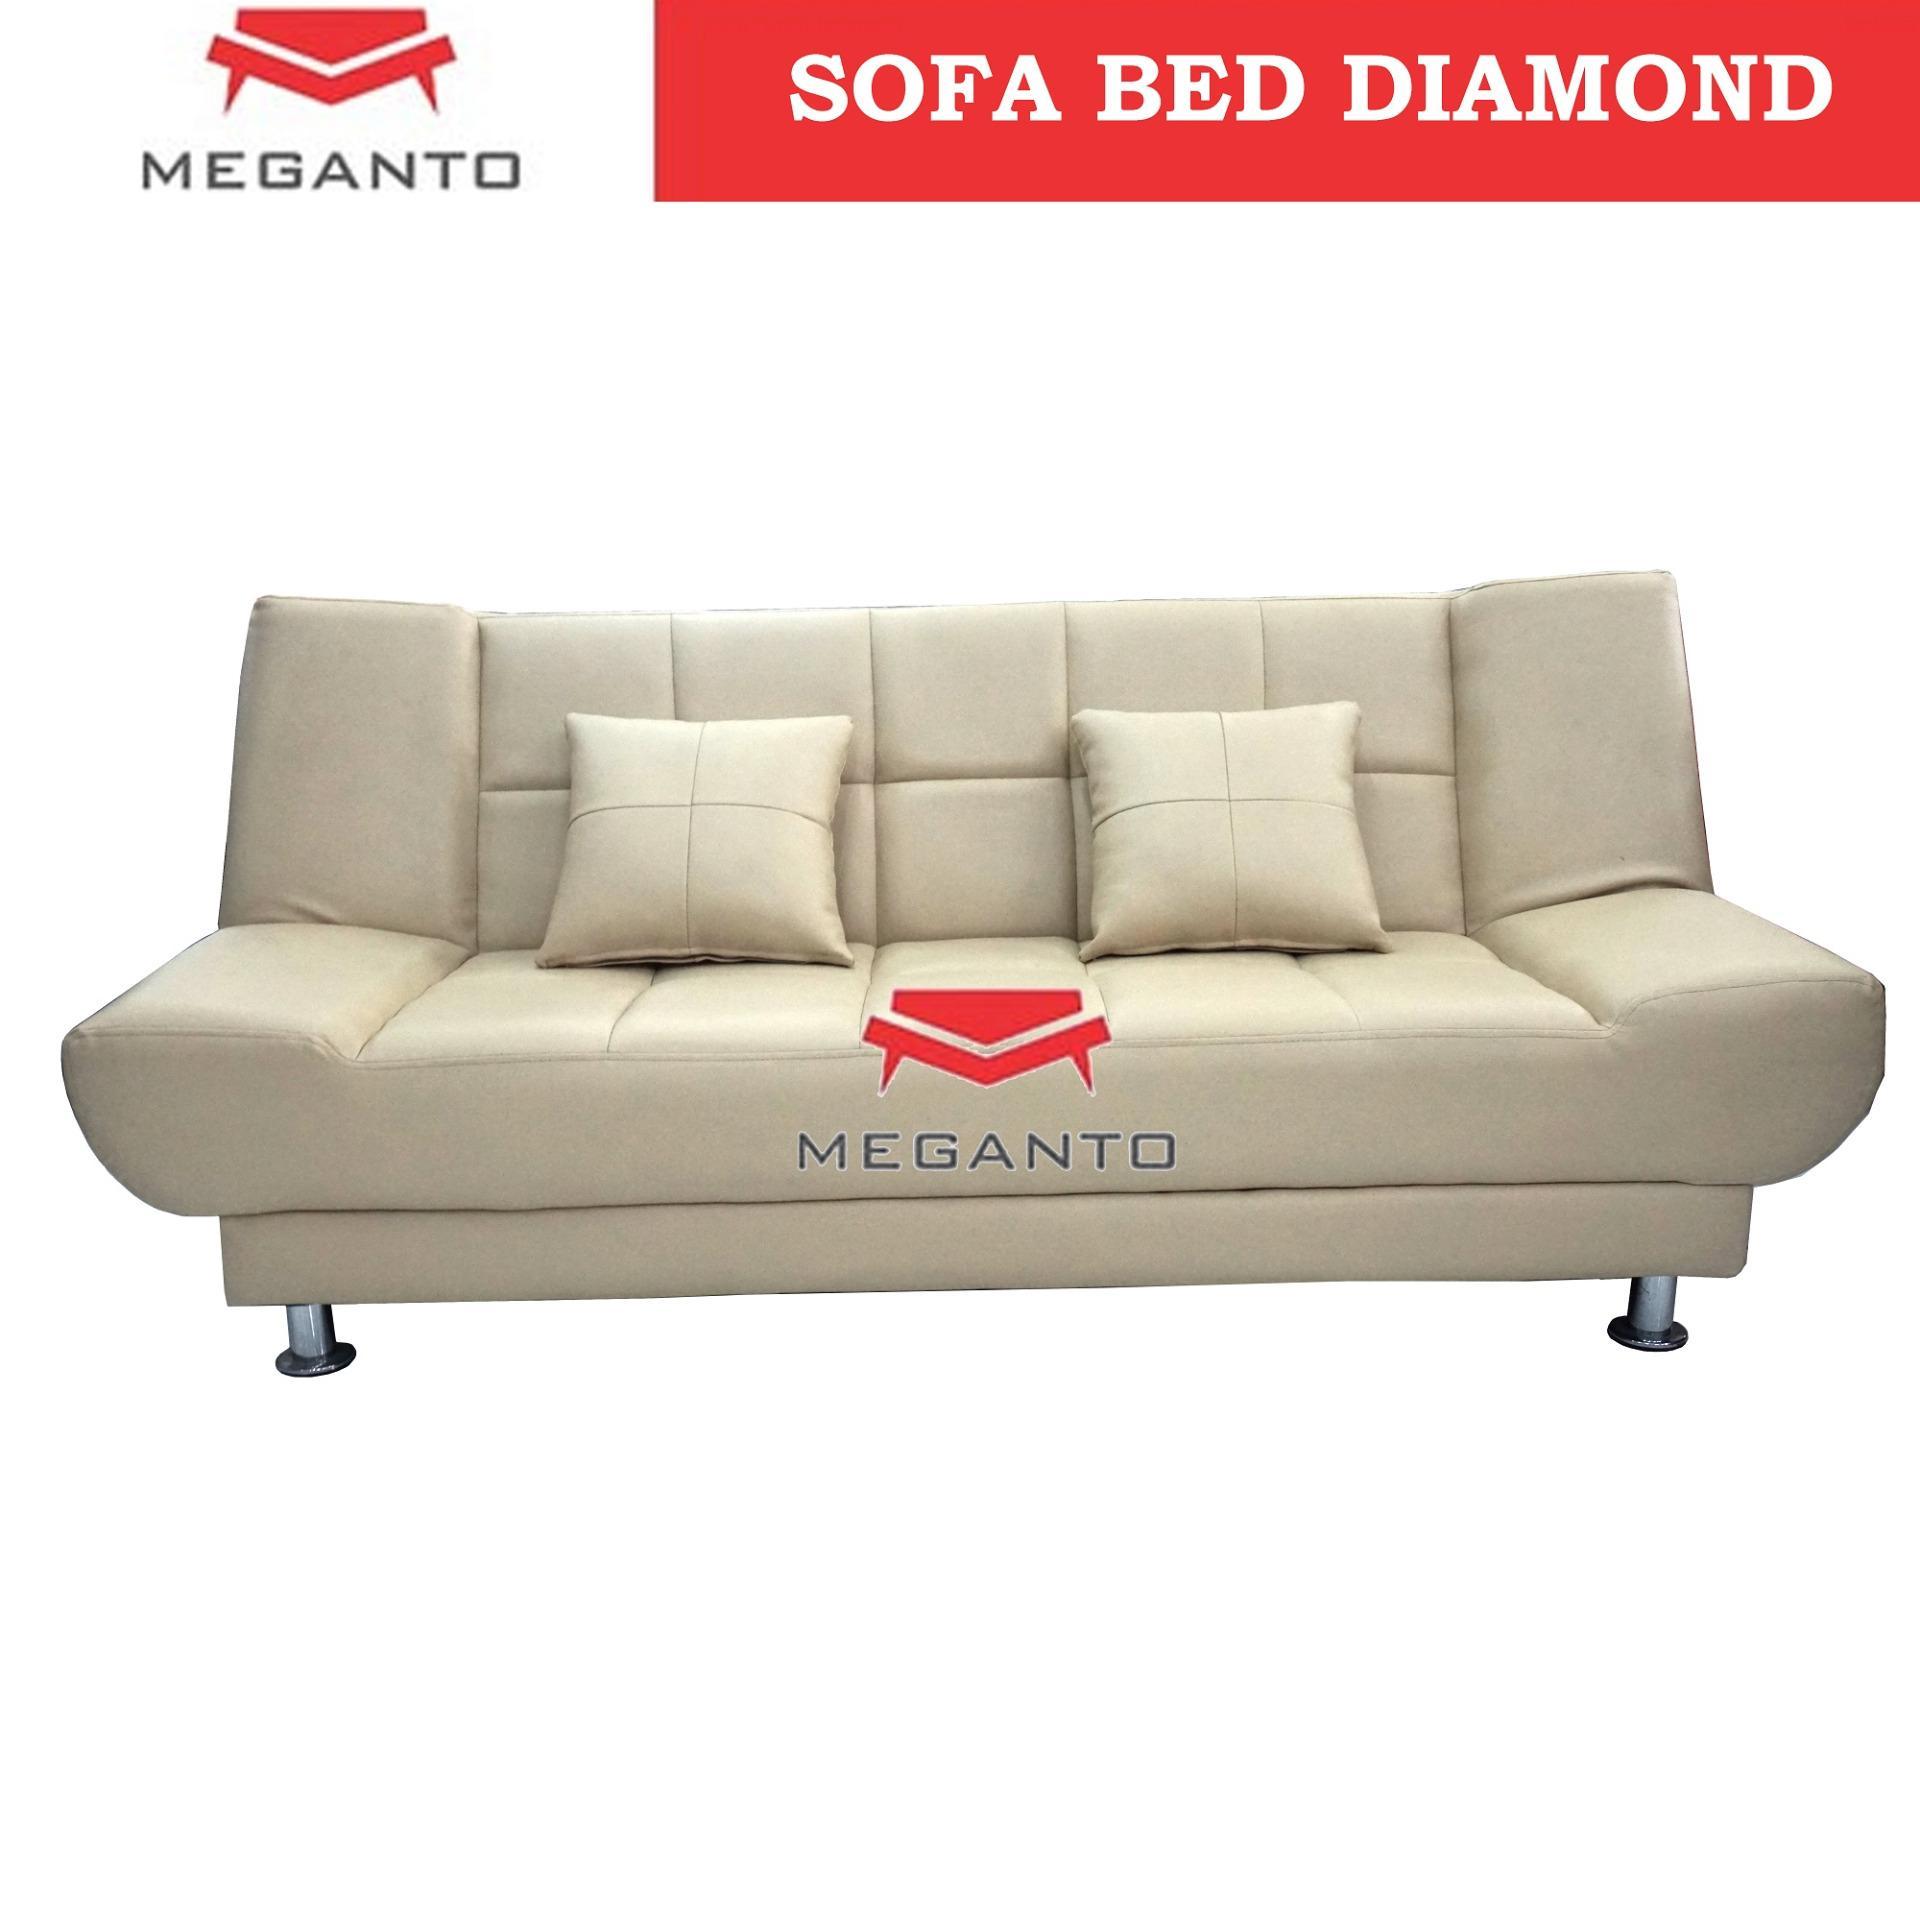 Creova Sofa Set Daftar Harga Terkini Dan Terlengkap Toko Online L Bravia Bantal Warna Warni Produk Yang Direkomendasikan Terkait